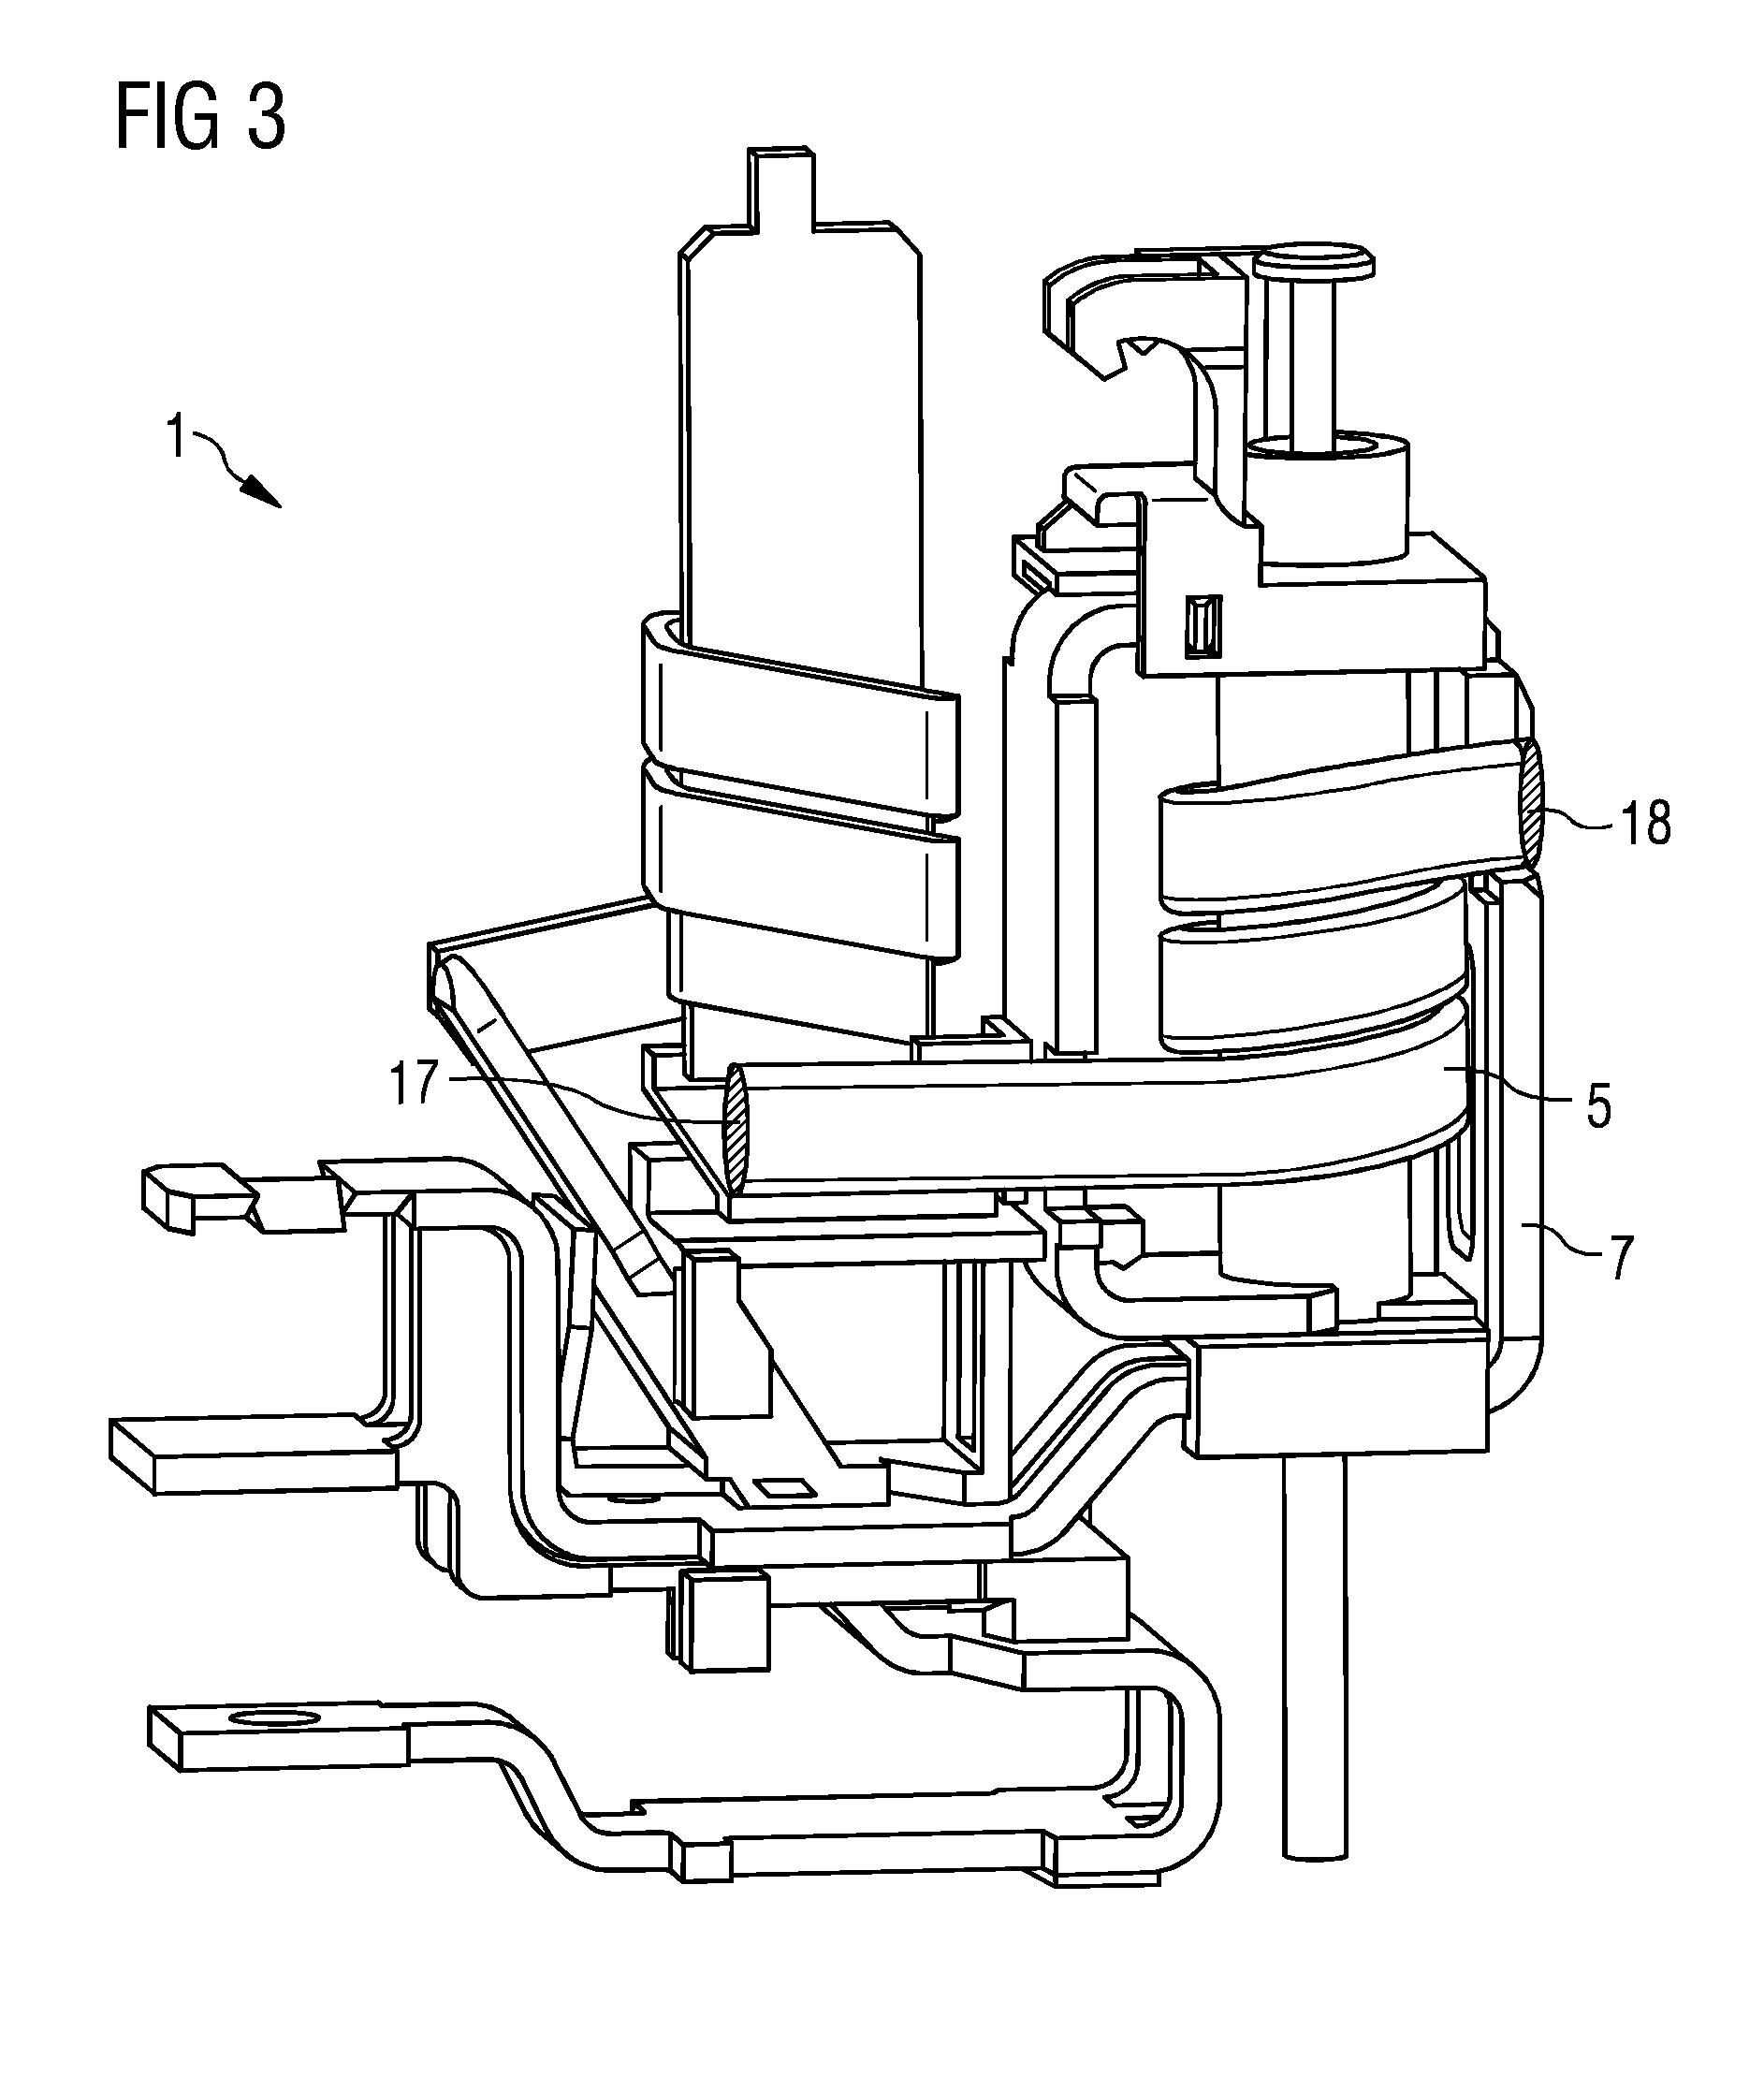 patent us20130009732